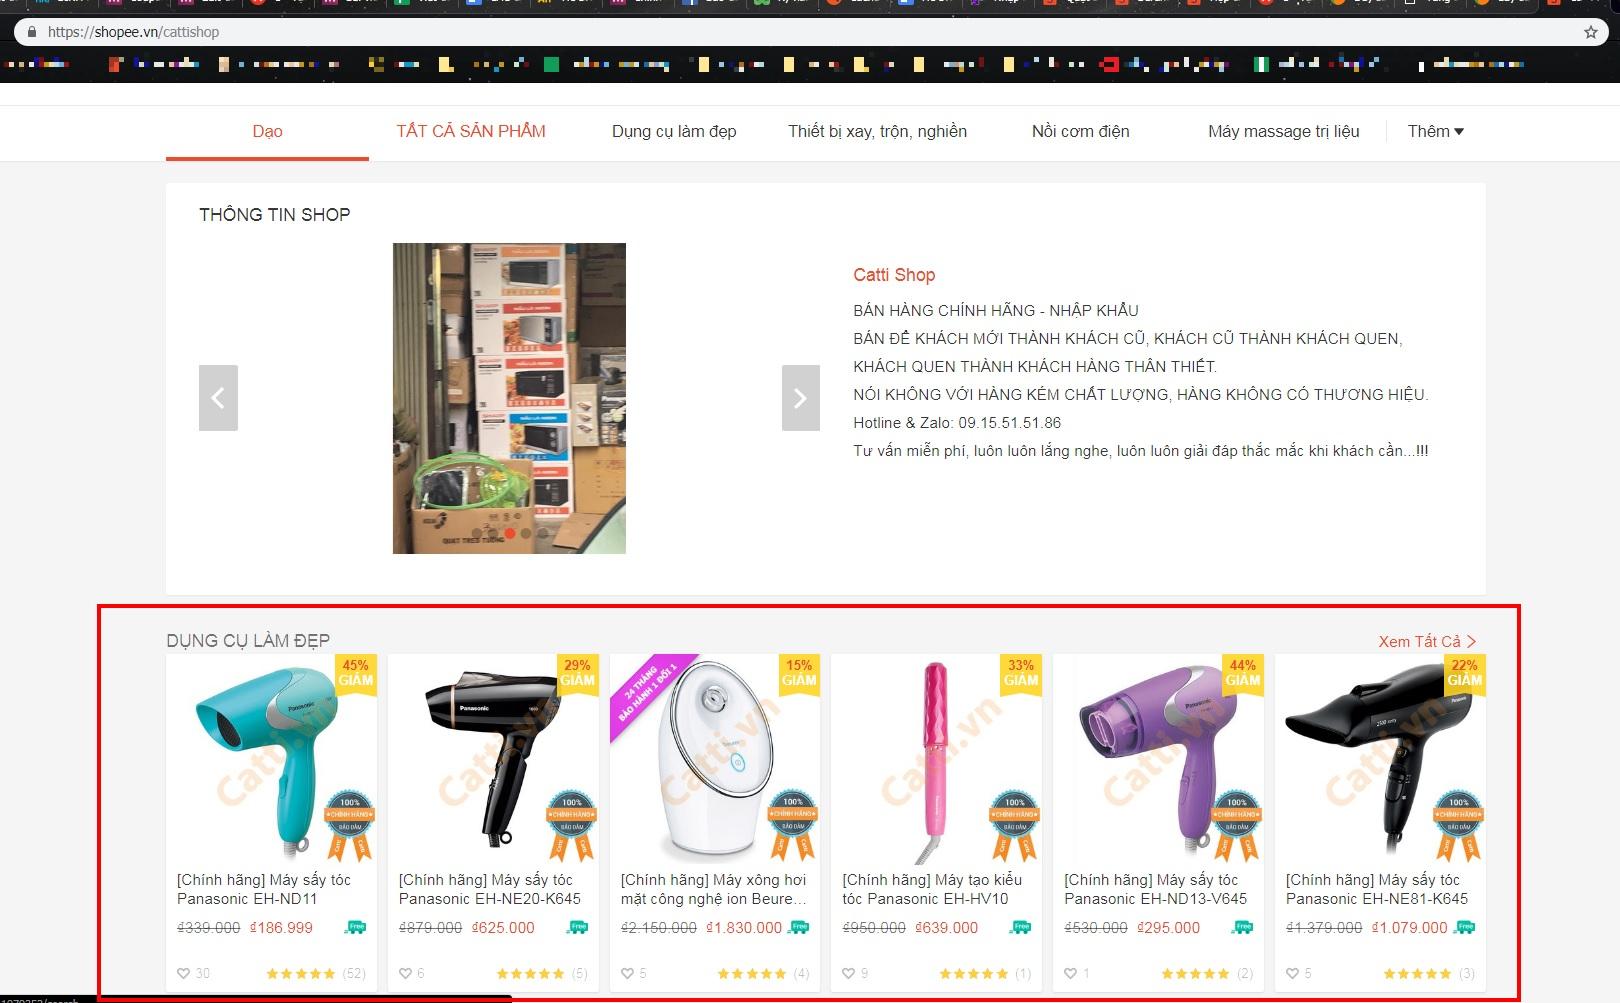 Các cách bán hàng hiệu quả trên Shopee, đẩy sản phẩm trên Shopee